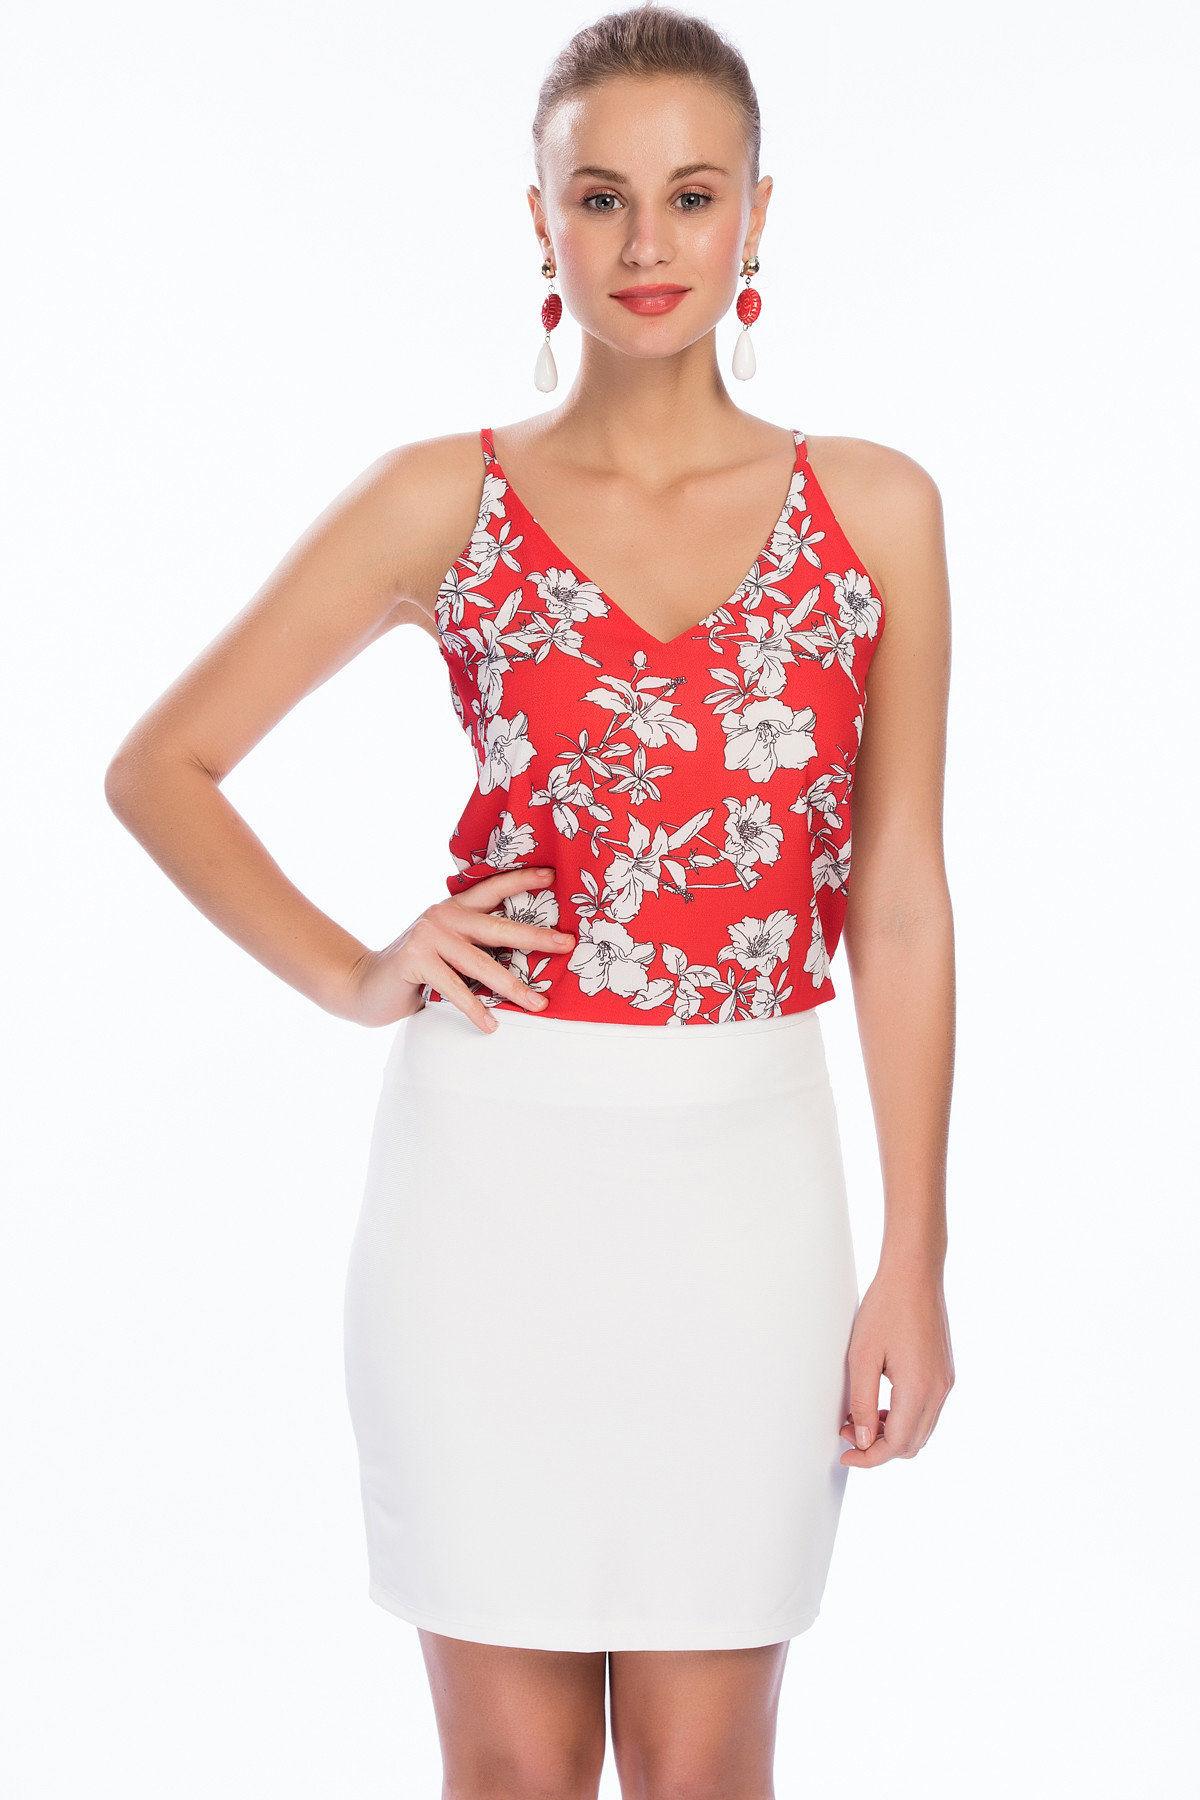 2019 Bayan Kombinleri Beyaz Kısa Kalem Etek Kırmızı İp Askılı V YAkalı Çiçek Desenli Bluz